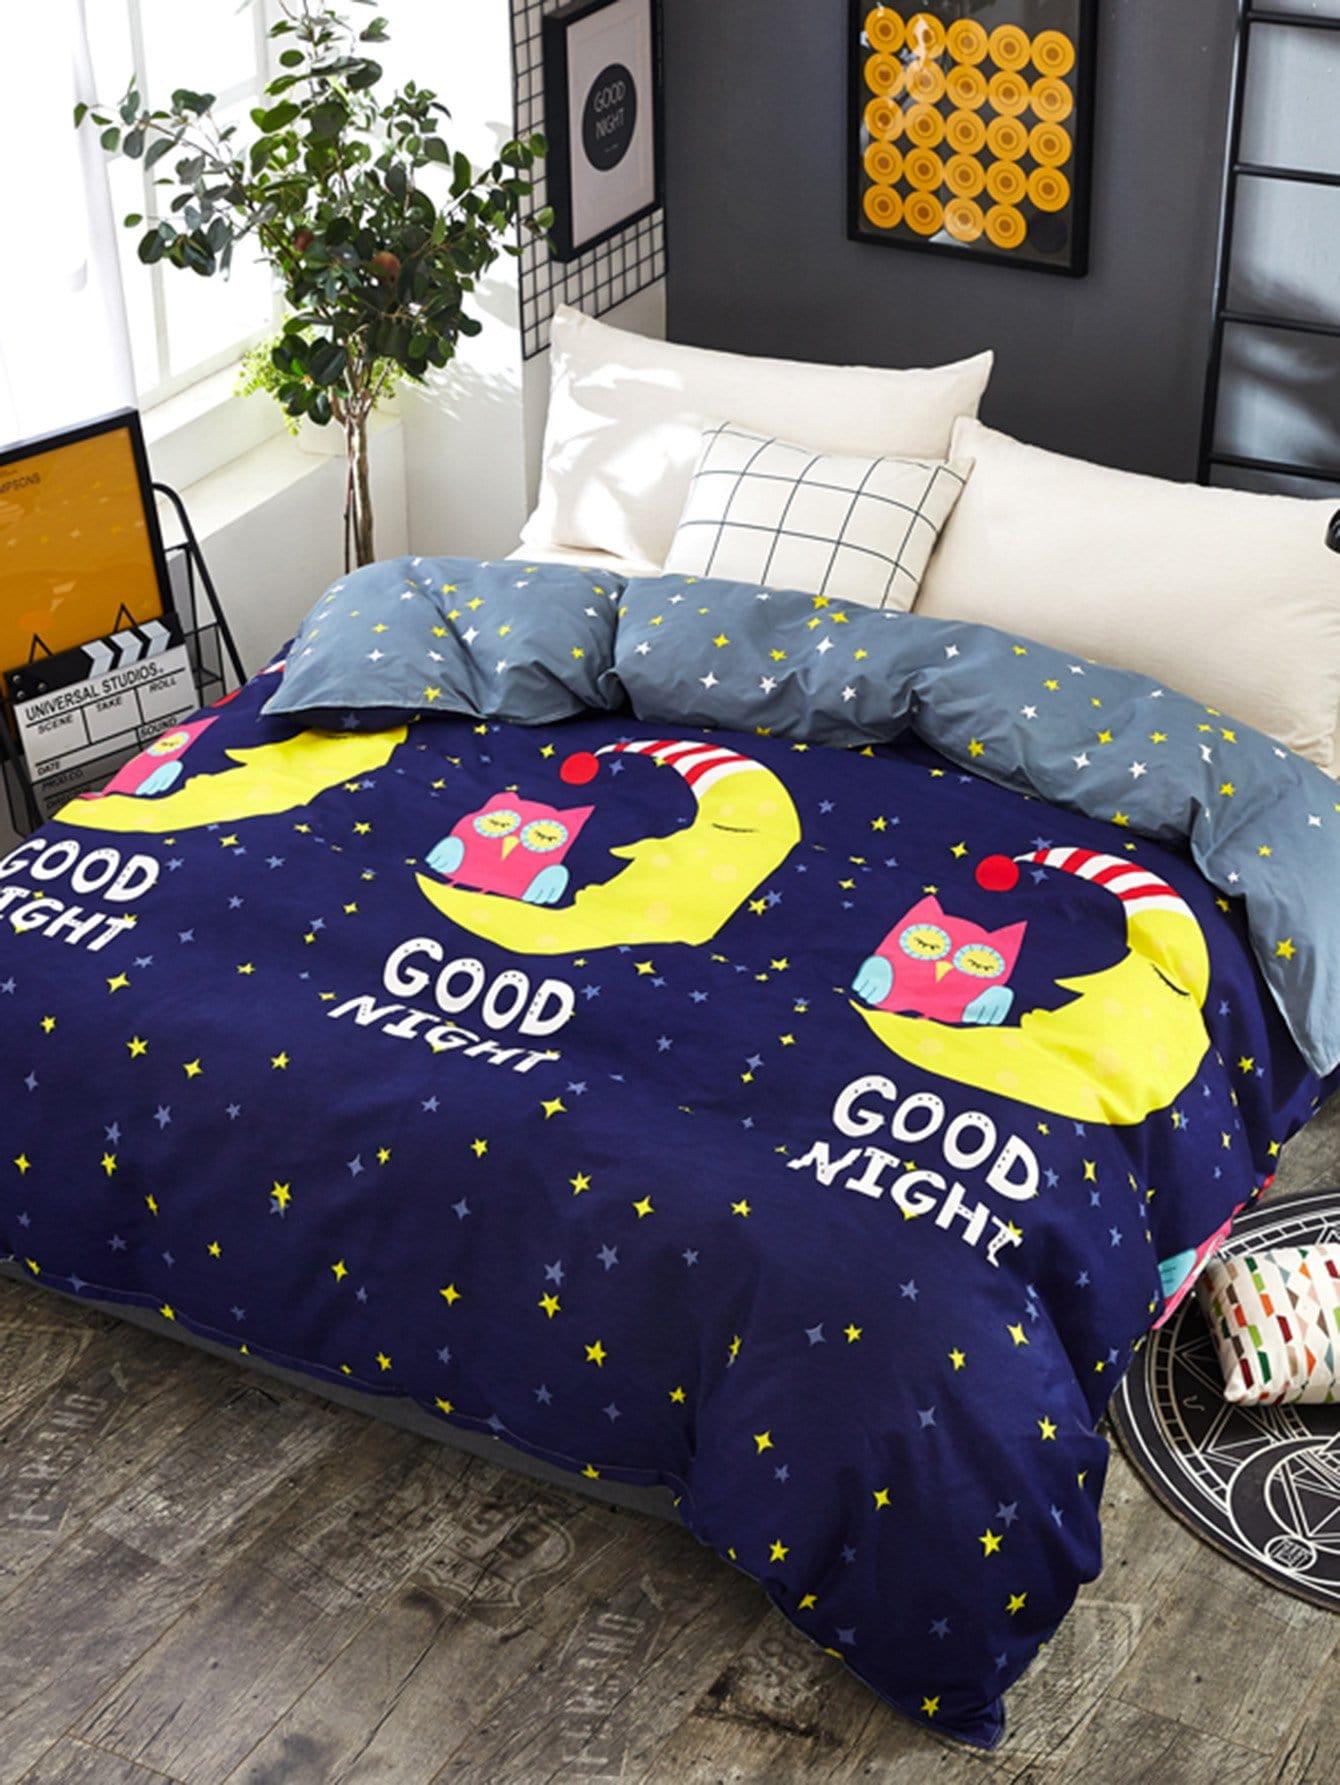 Купить Бархатное постельное бельё с рисунками буквы и луны 1 шт, null, SheIn